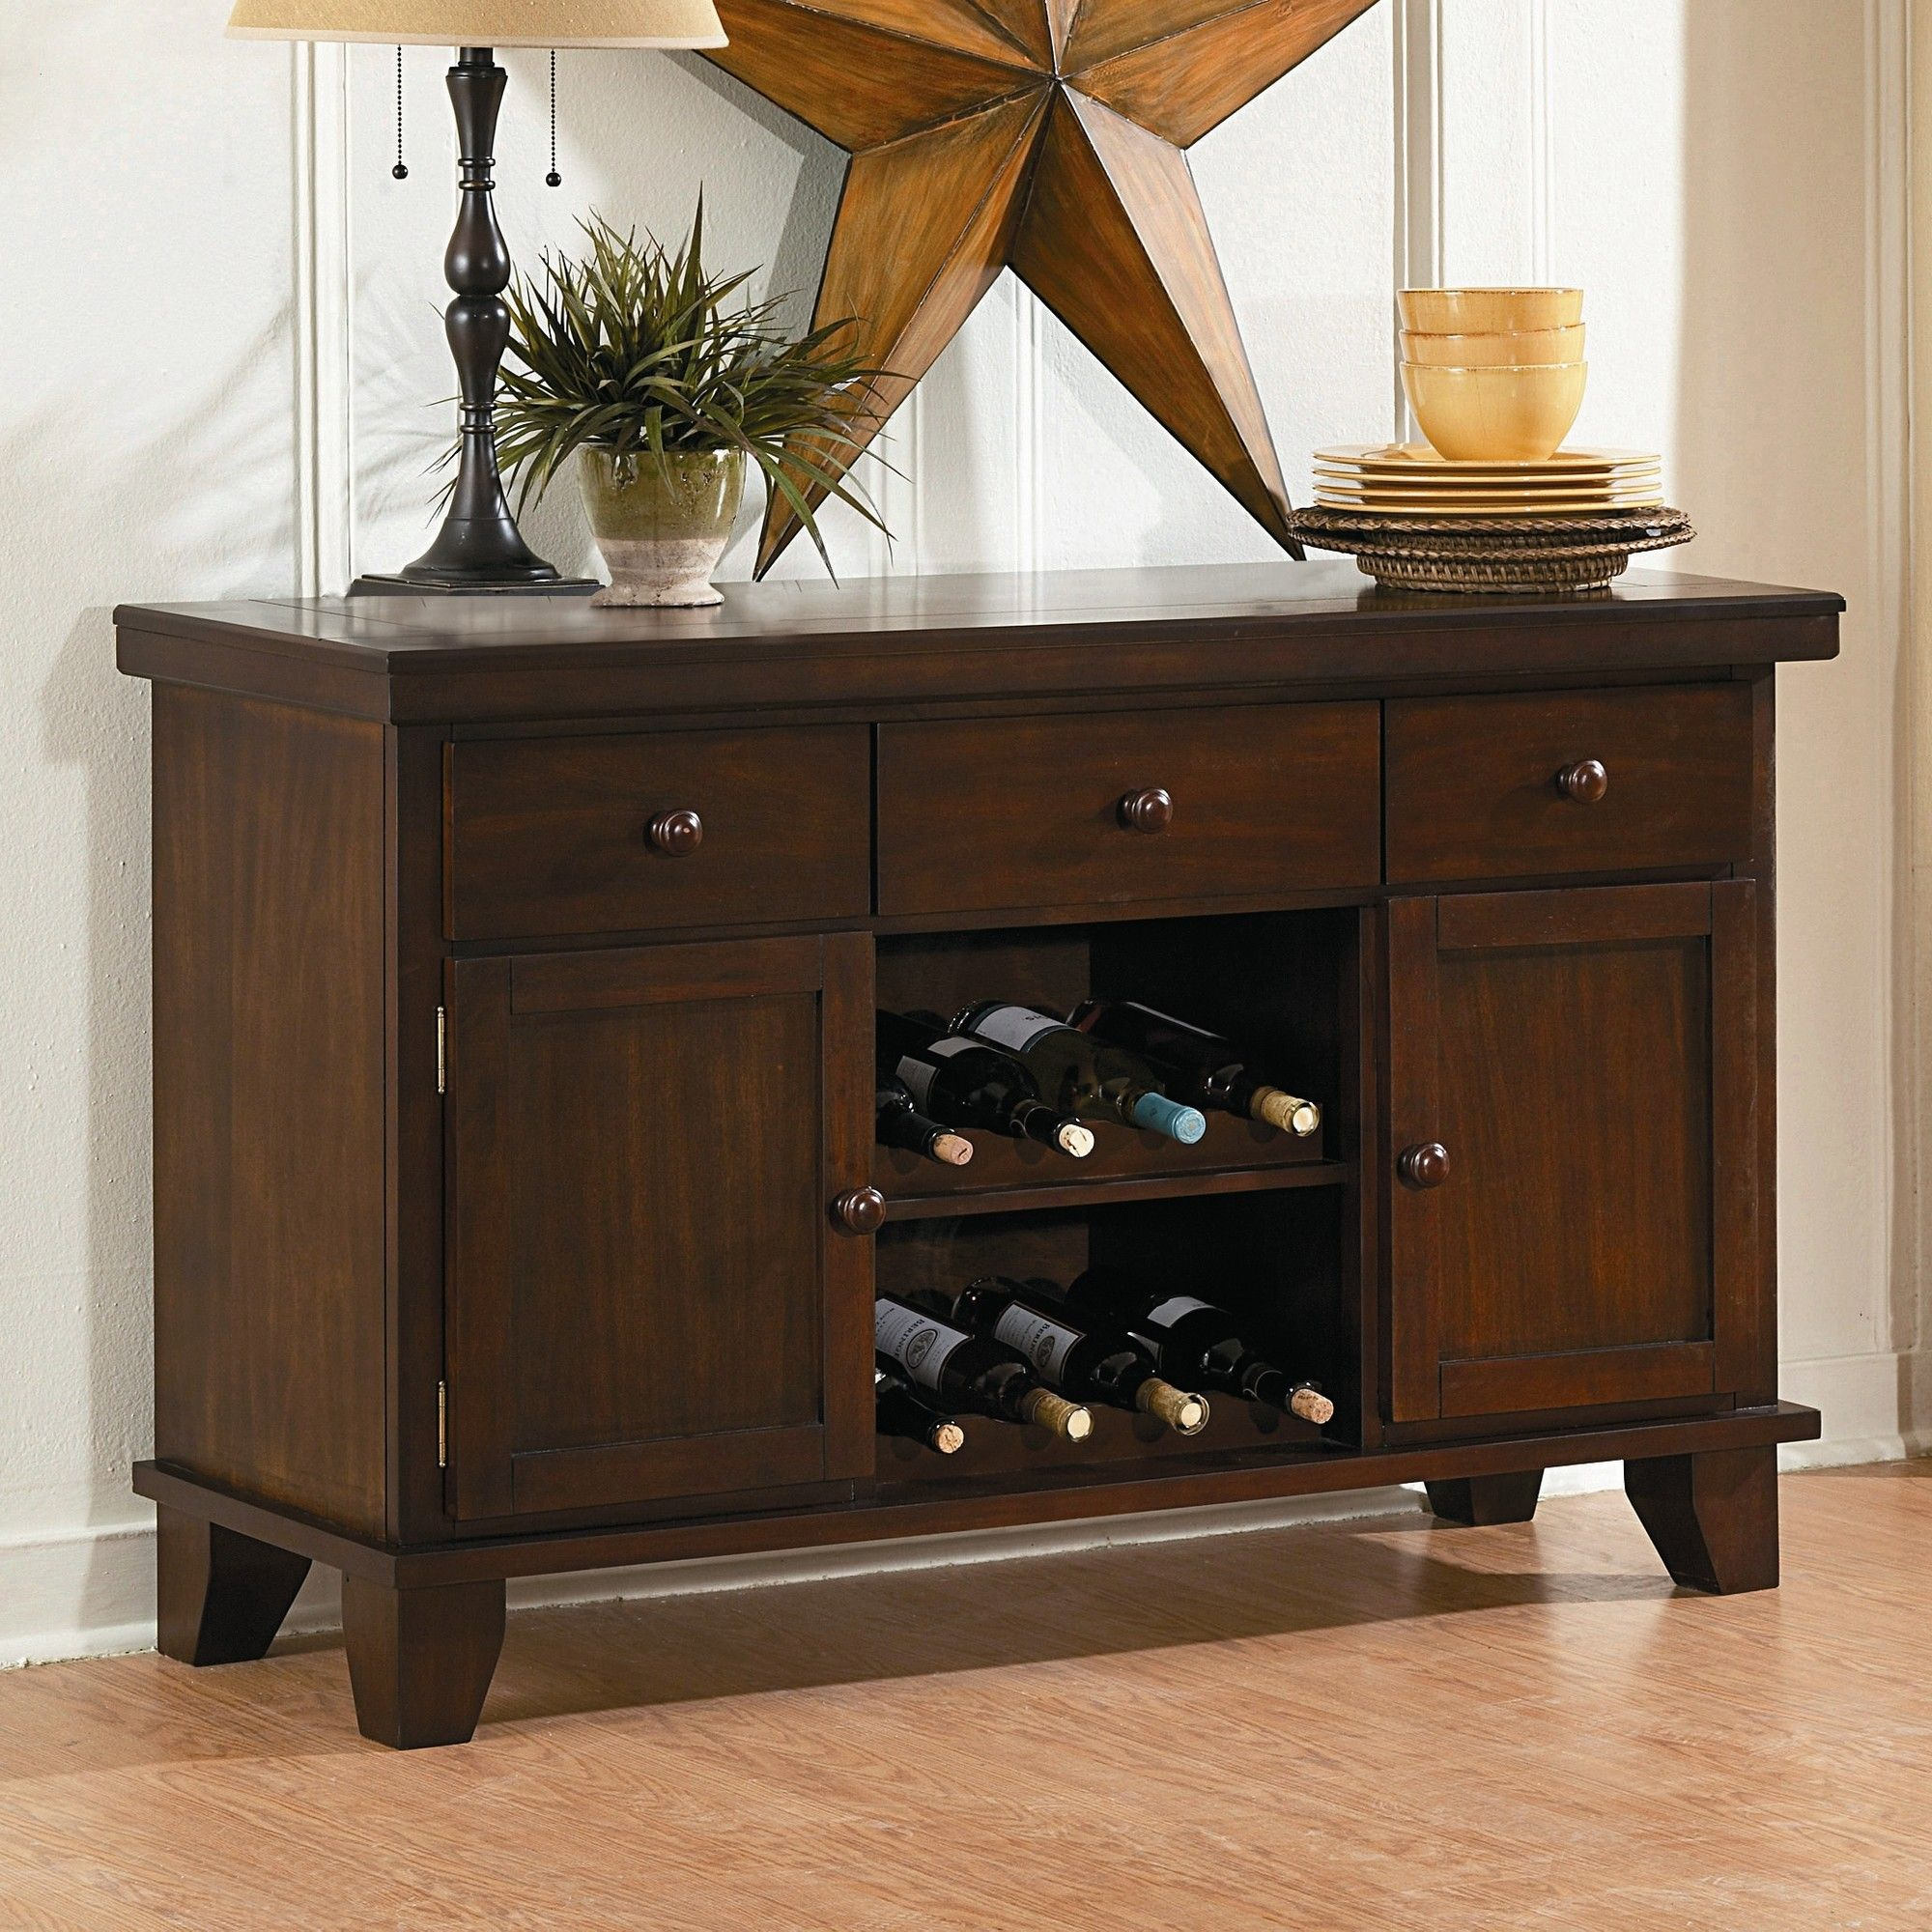 Woodbridge Home Designs Ameillia Server & Reviews   Wayfair ...